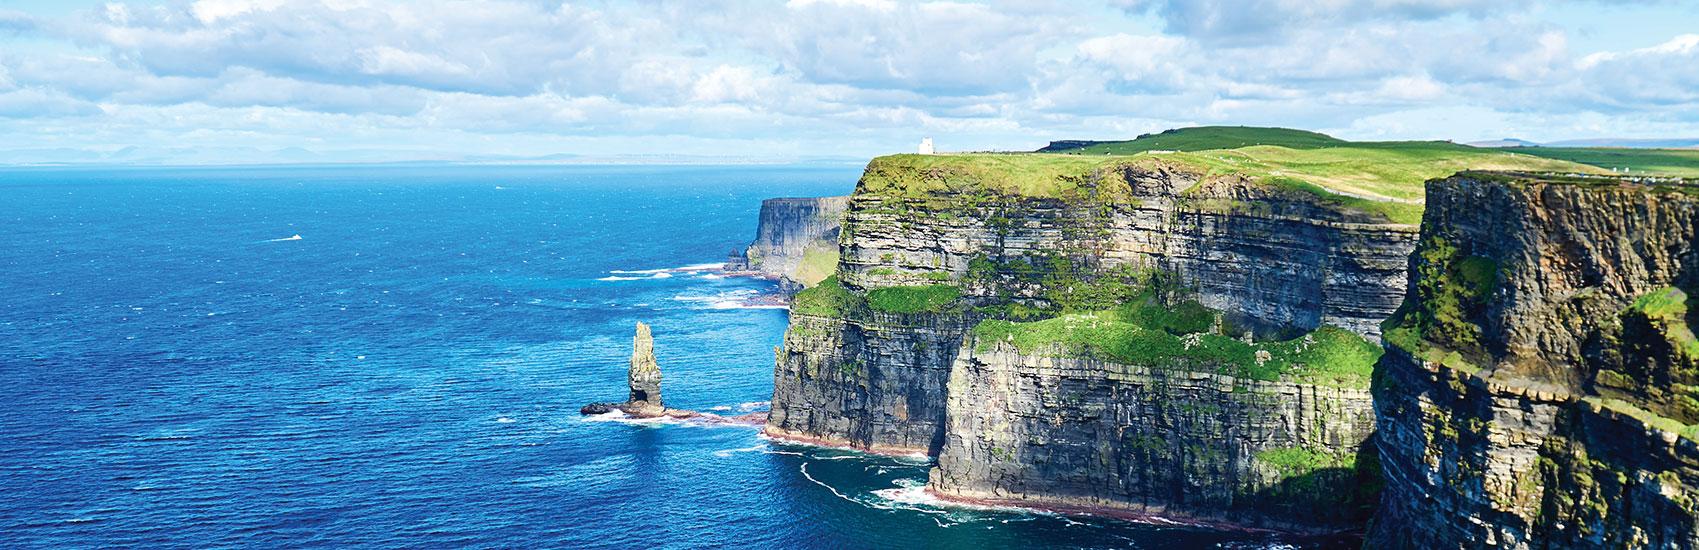 Explore Ireland 2